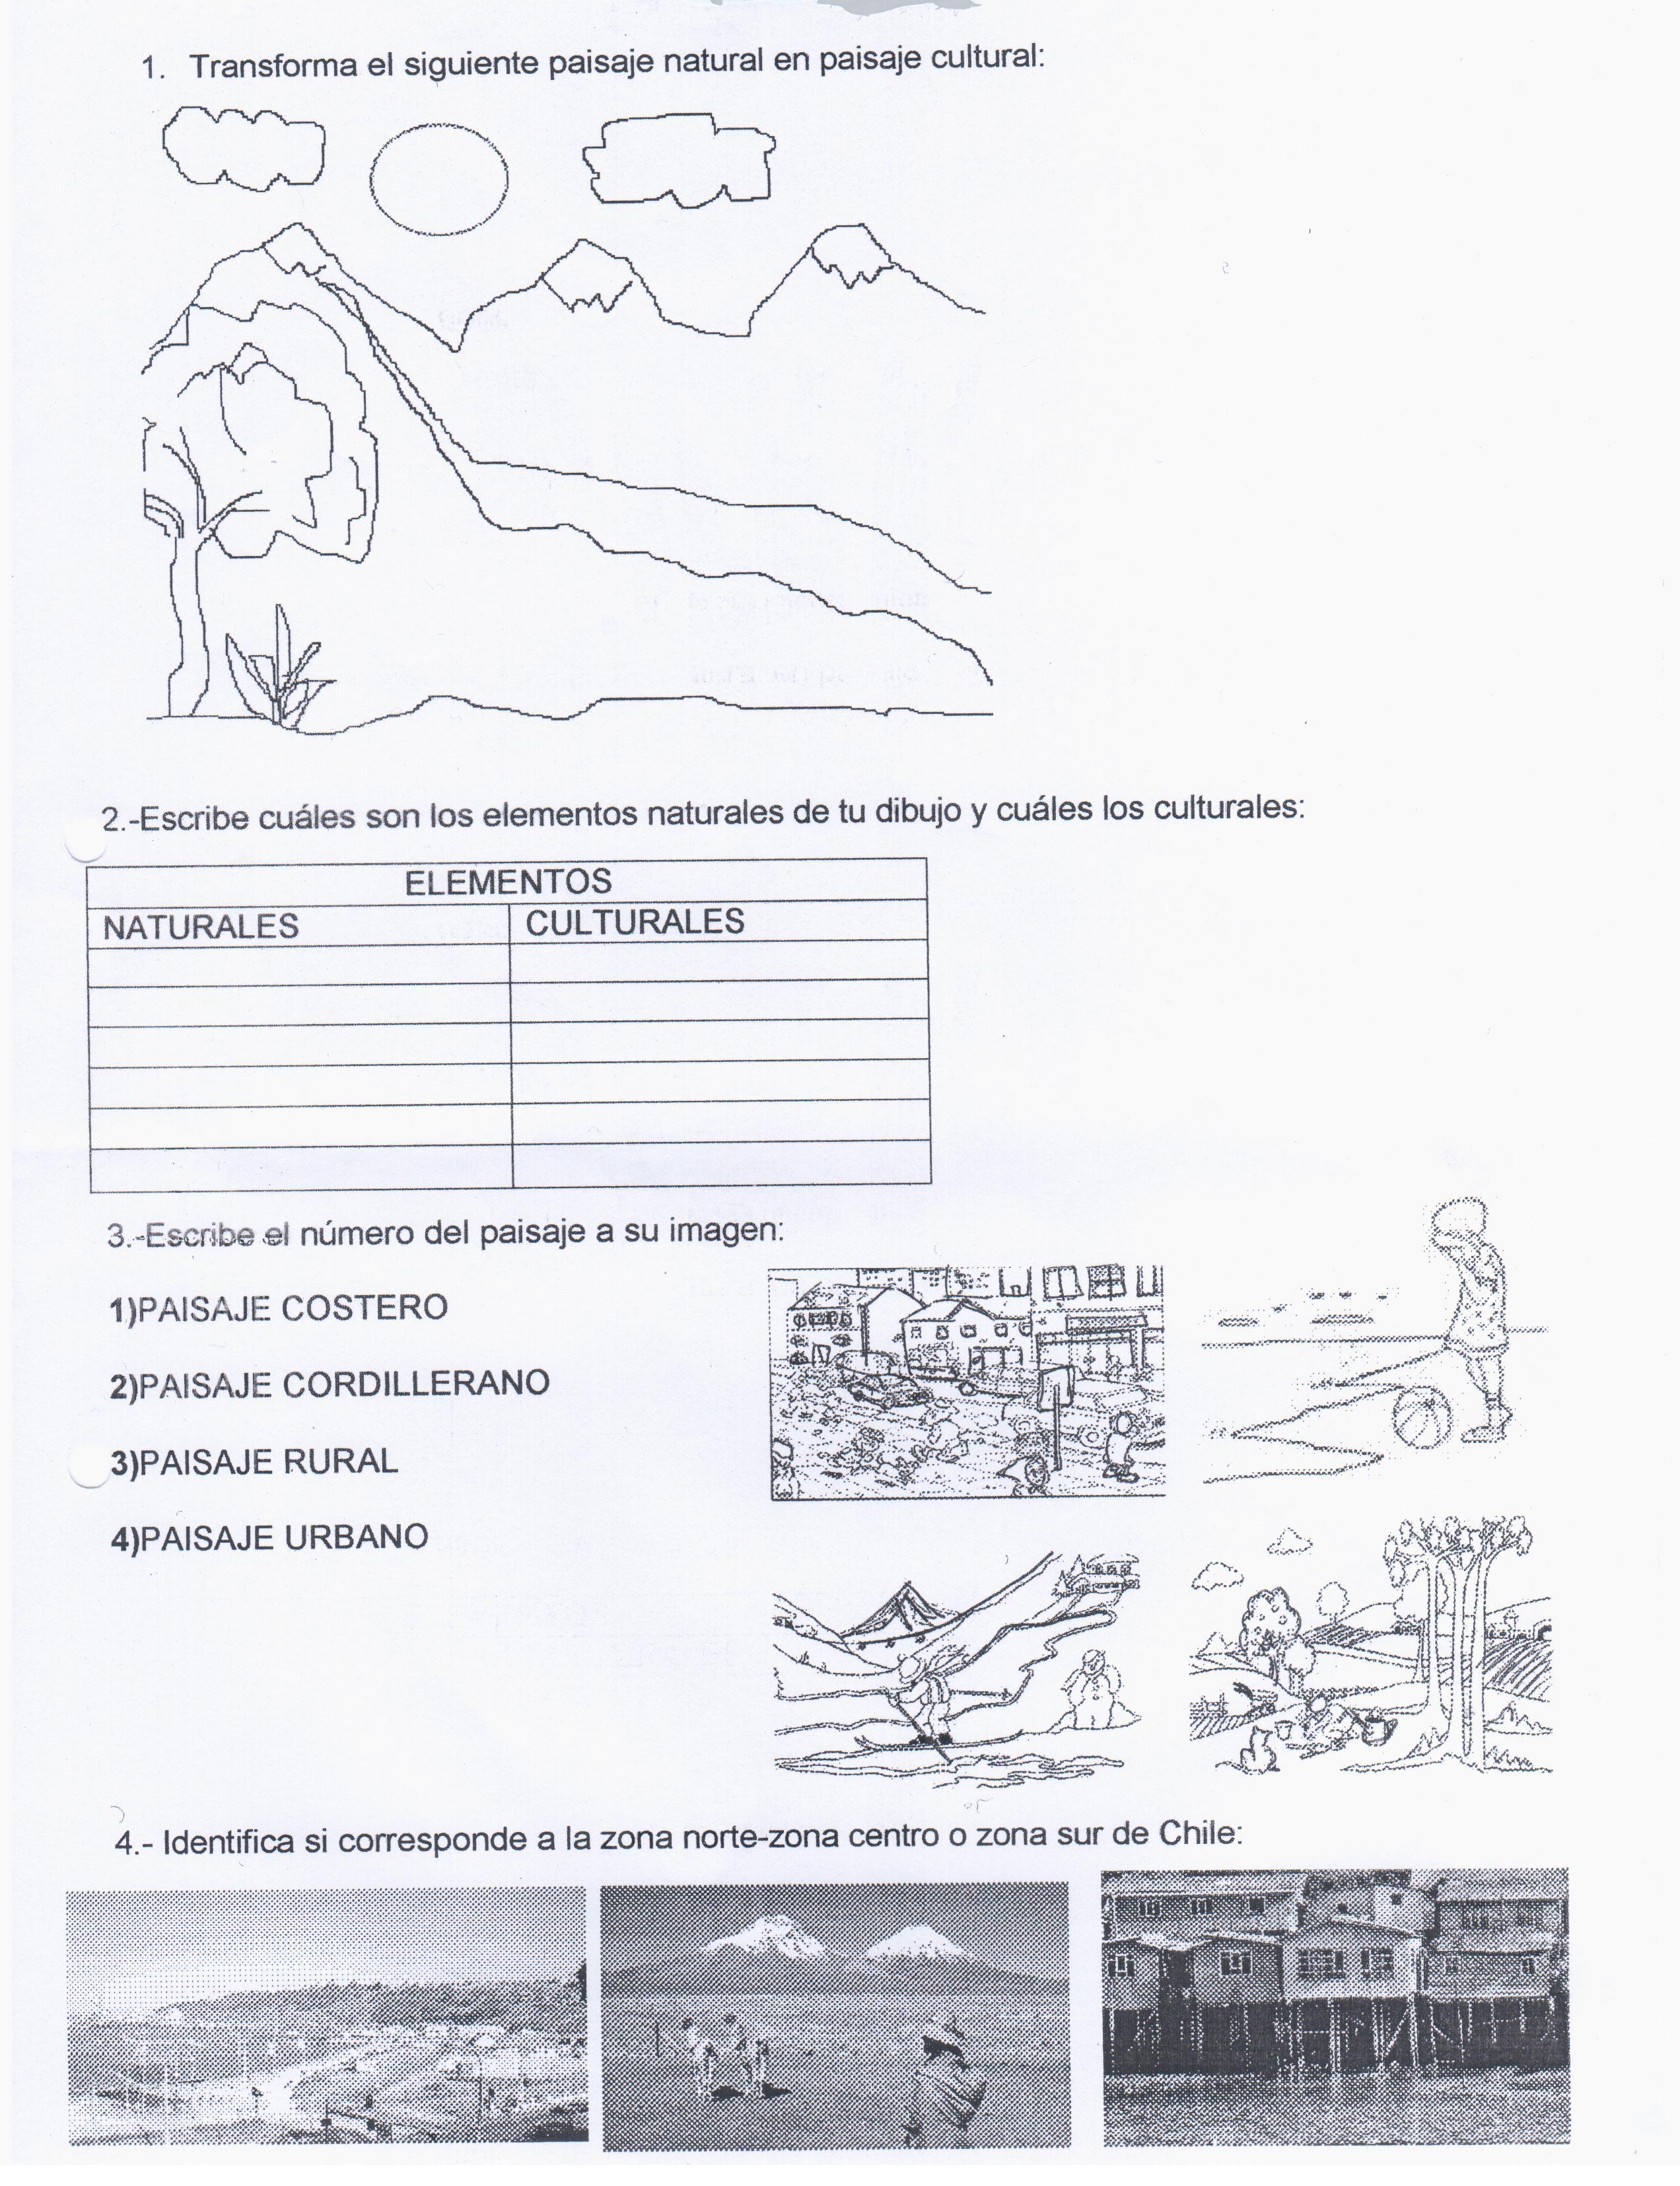 Resultado de imagen para guia de paisaje natural y cultural | Estrategias  de enseñanza, Paisaje cultural, Paisaje rural